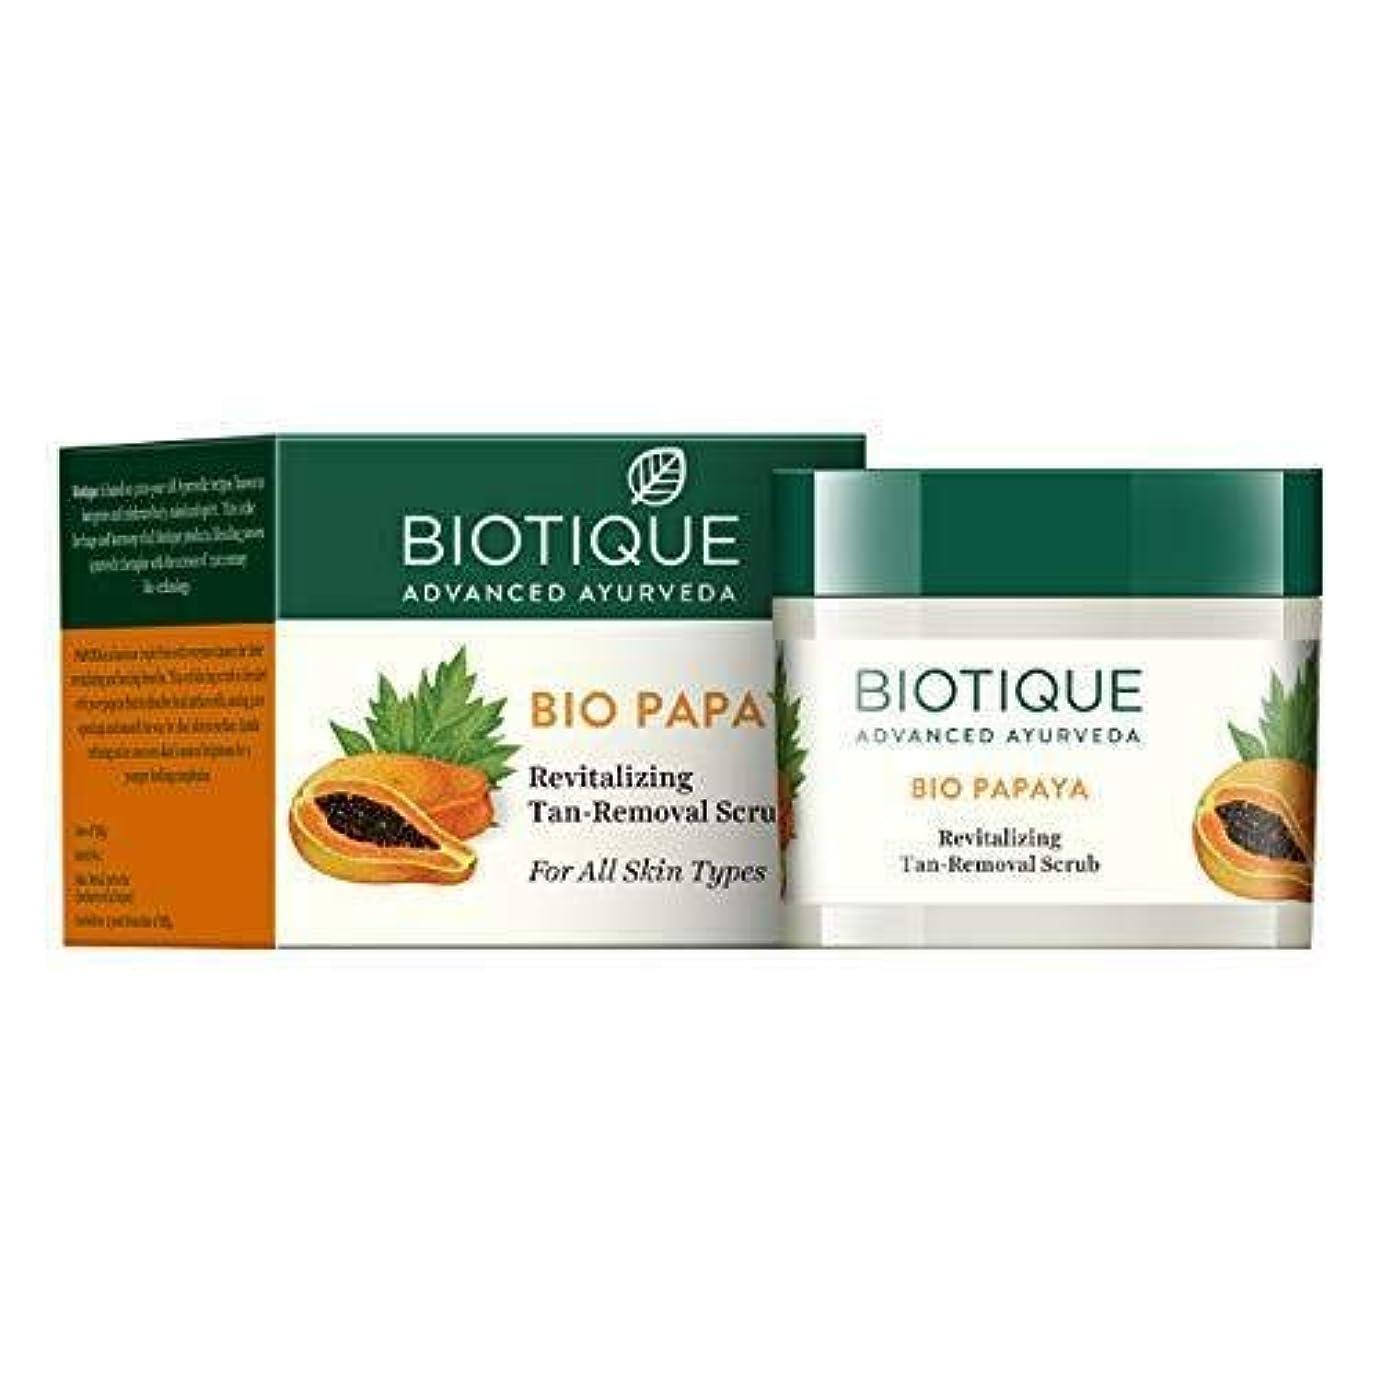 ソーダ水ティッシュ重荷Biotique Bio Papaya Revitalizing Tan Removal Scrub for All Skin Types 75g すべての肌タイプのための日焼け除去スクラブを活性化させるBiotique...